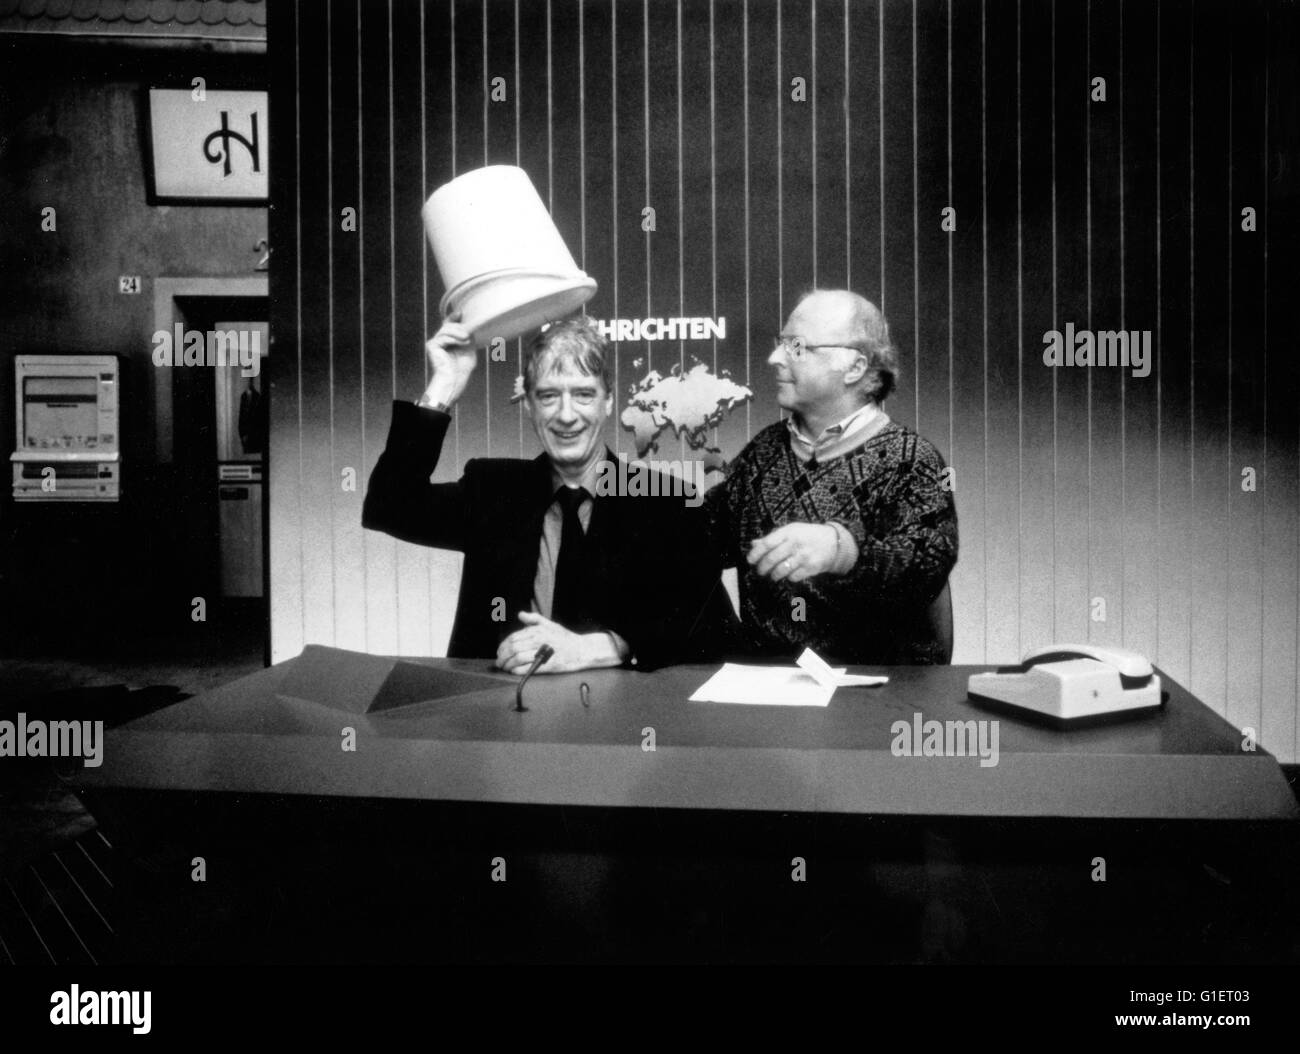 Der niederländische Showmaster und Entertainer Rudi Carrell bekommt von Norbert Blüm in 'Rudis Tagesshow' - Stock Image